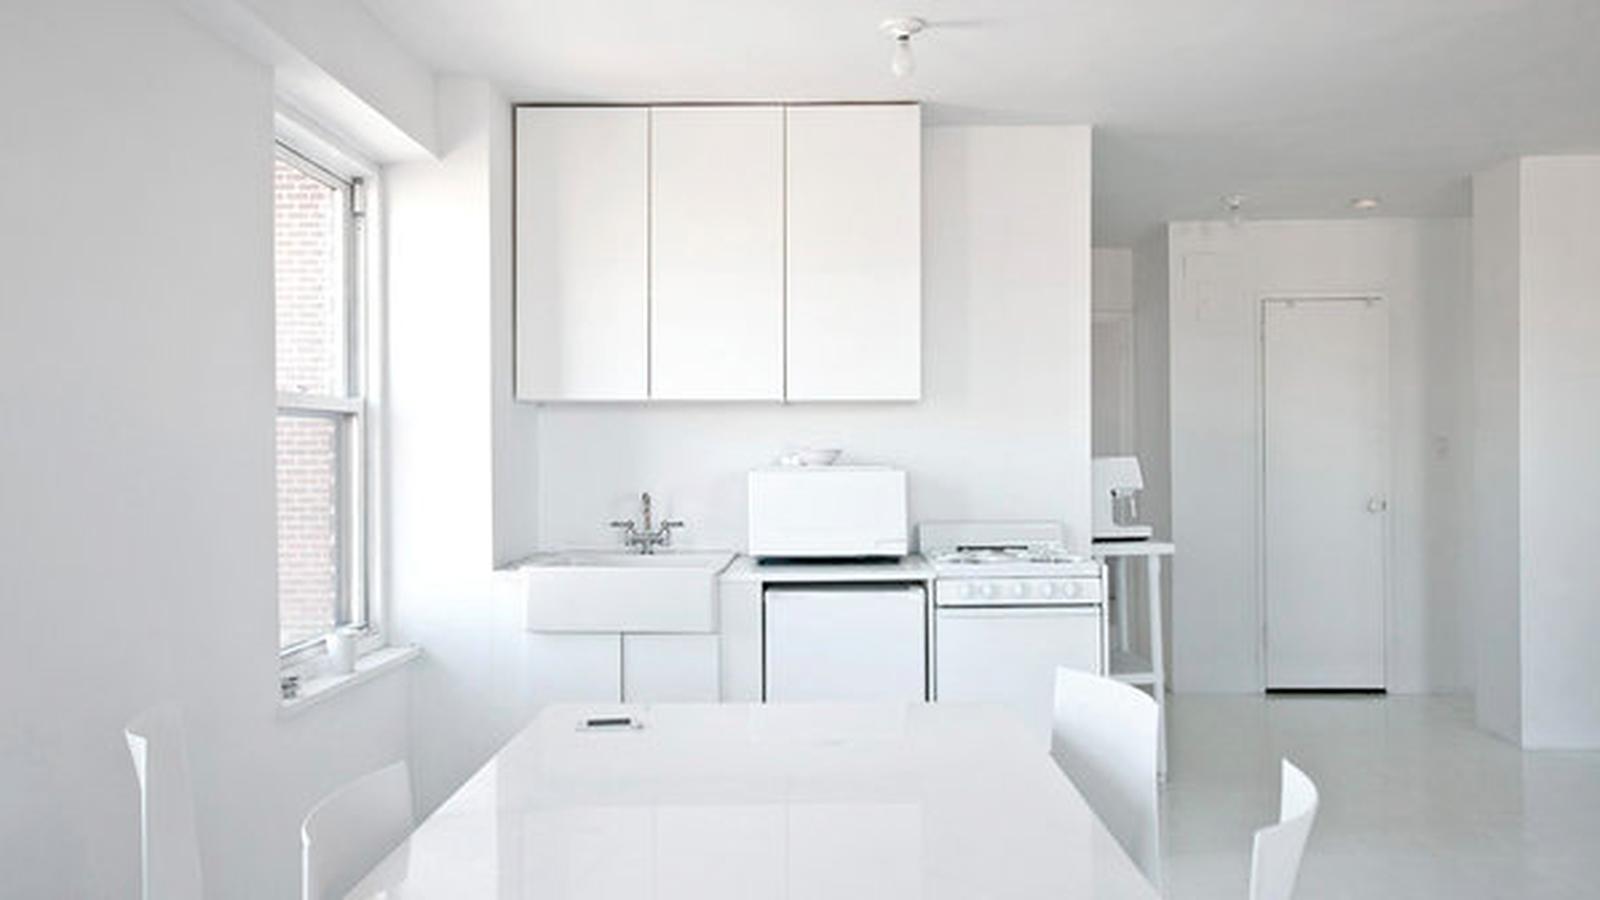 minimalist flat design